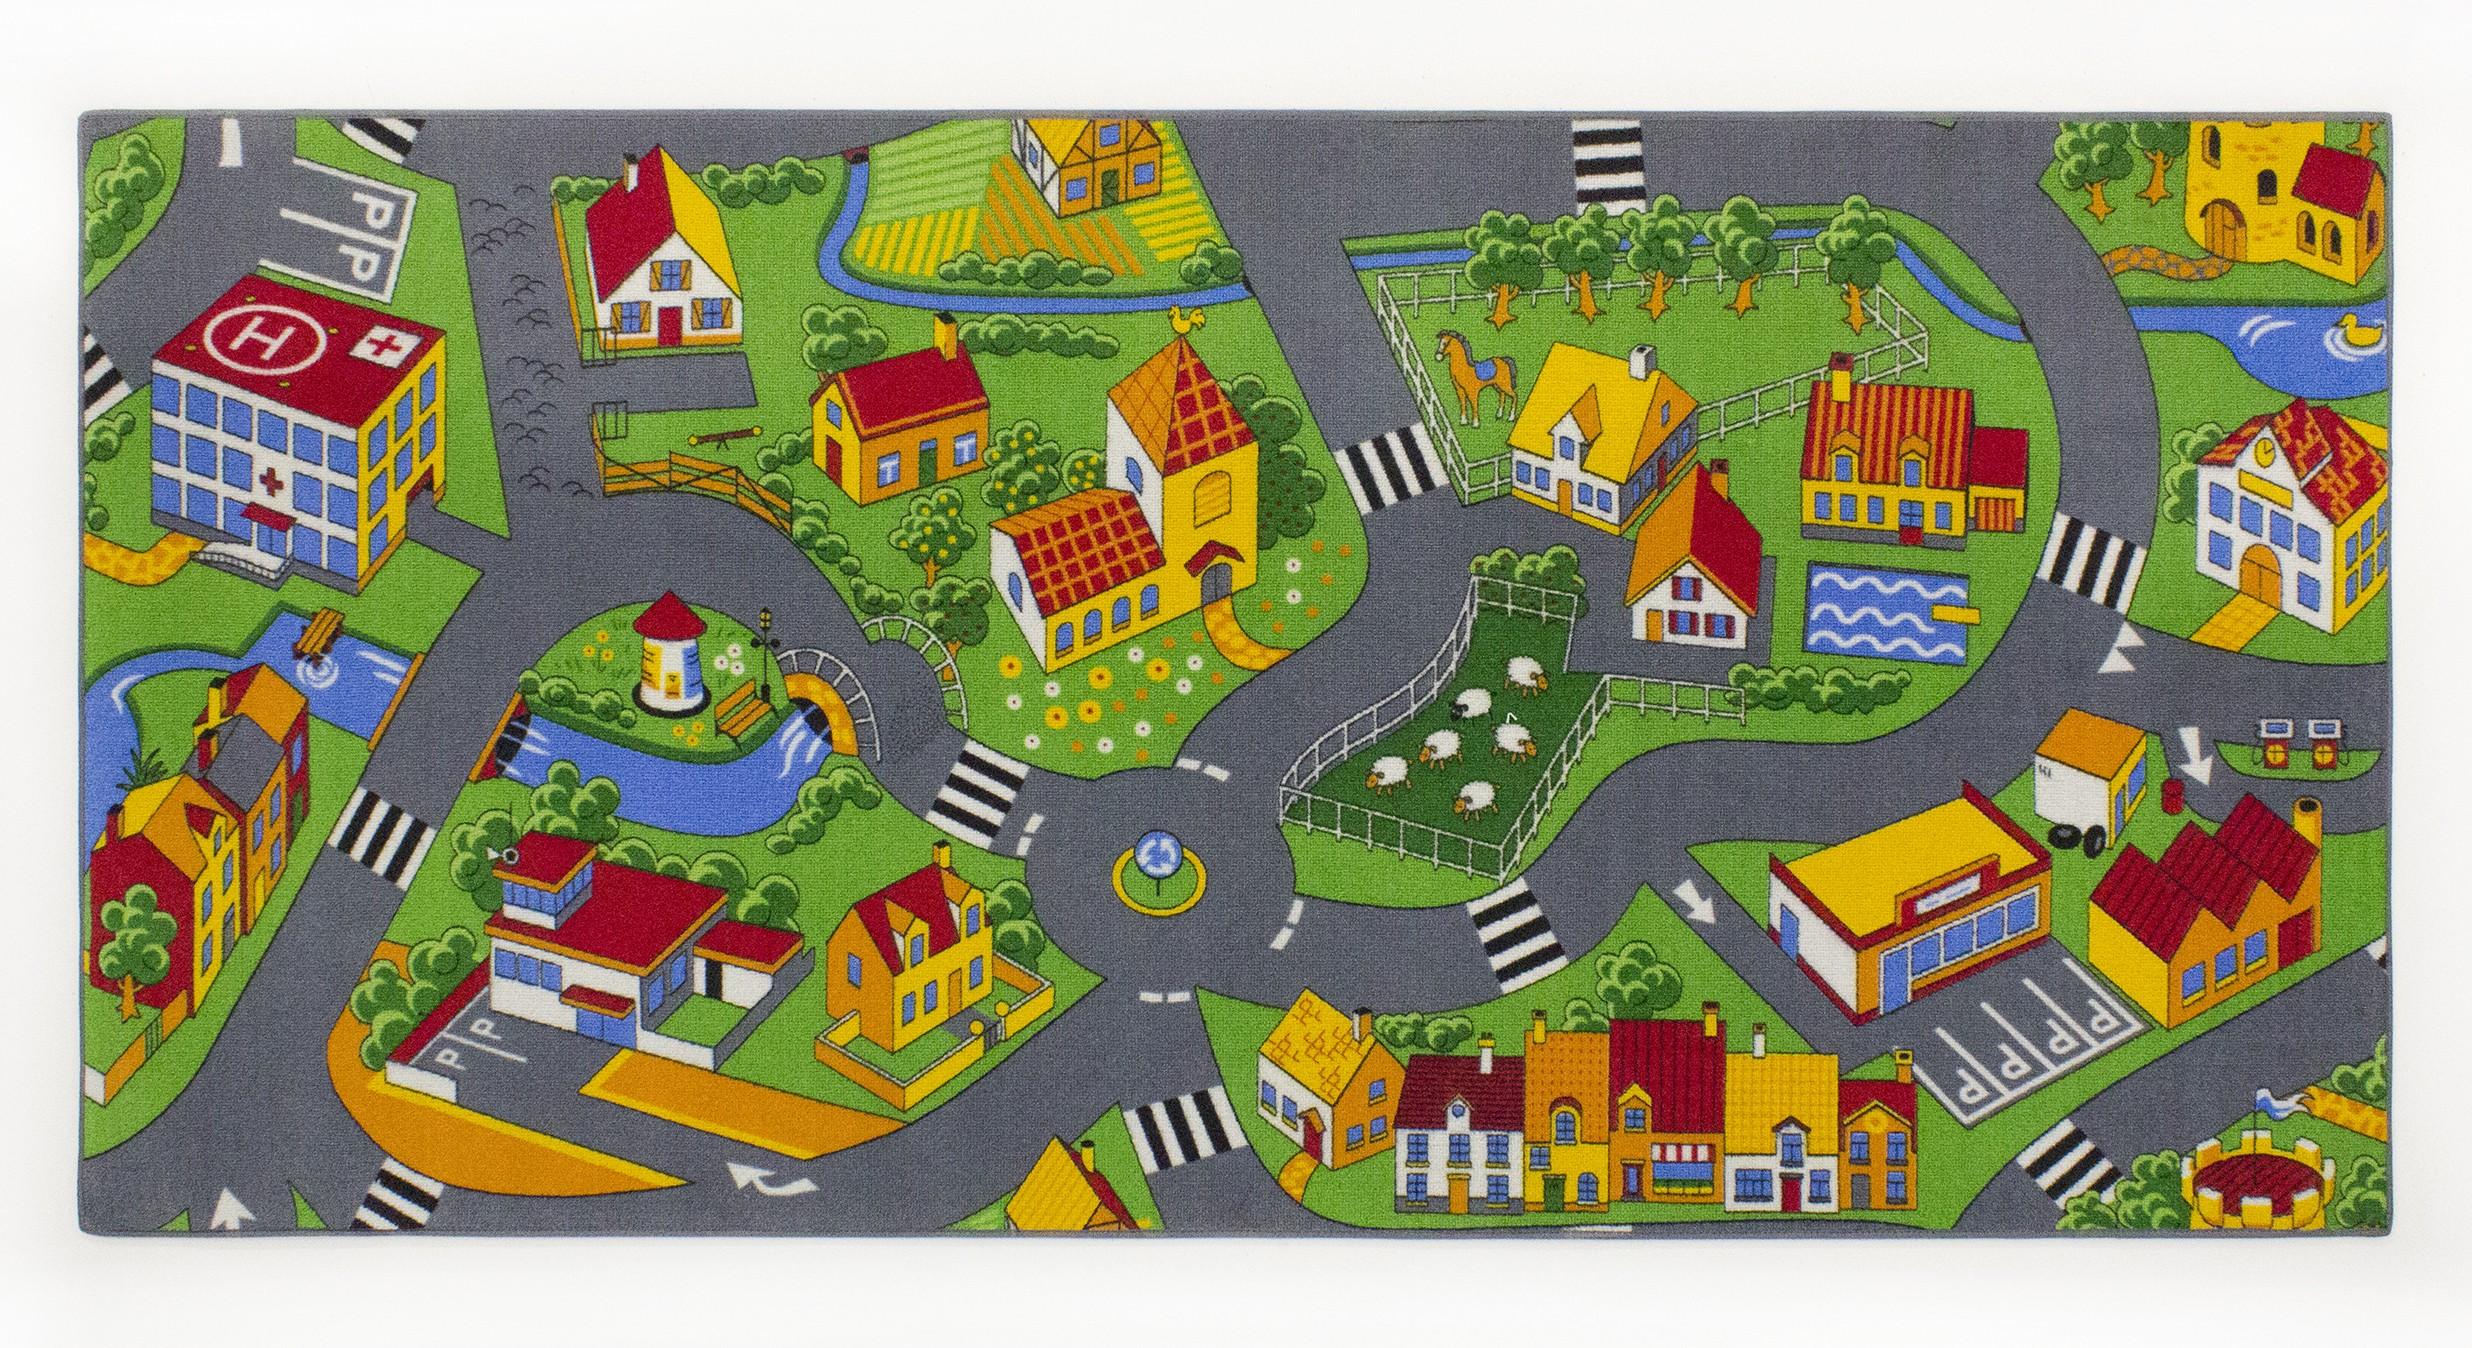 Tapijt Little village 95 x 200cm